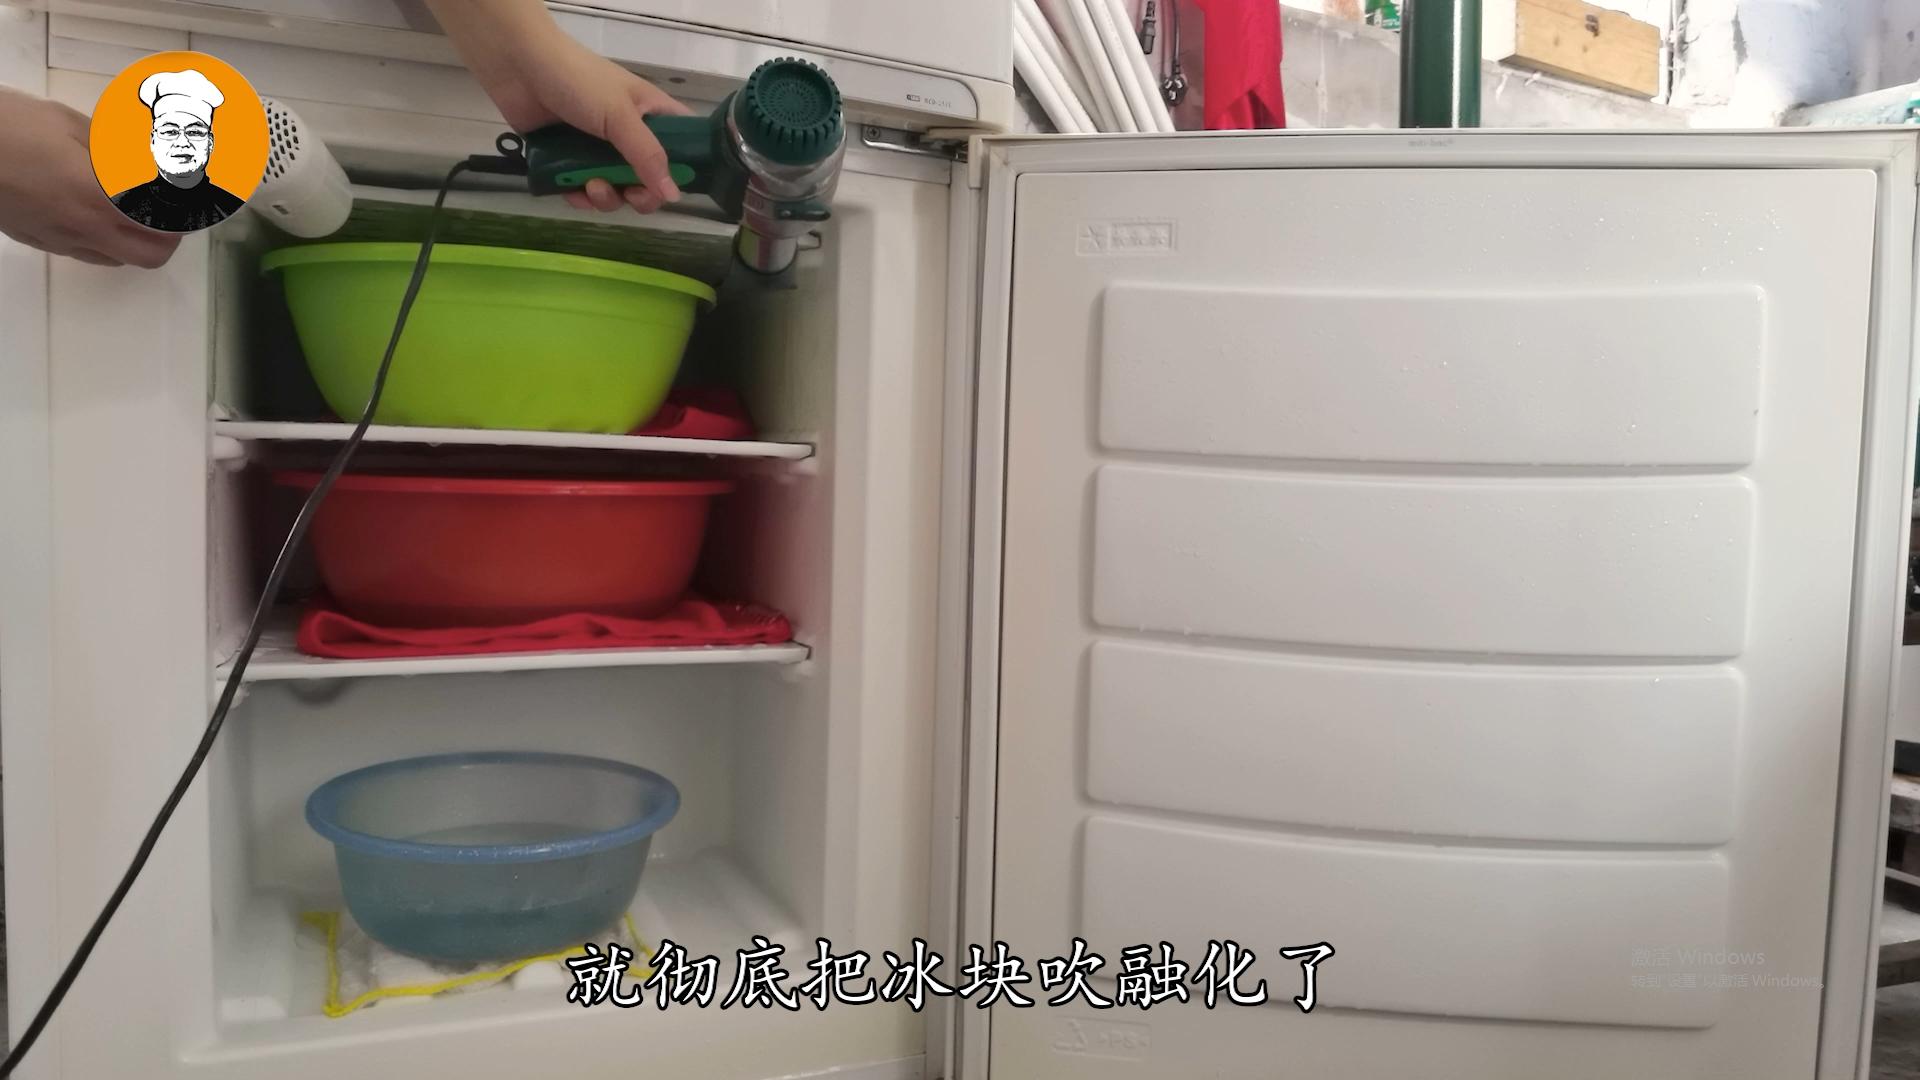 冰箱结冰太厚不要铲,教你1招,5分钟冰块全部落下,真是太实用了